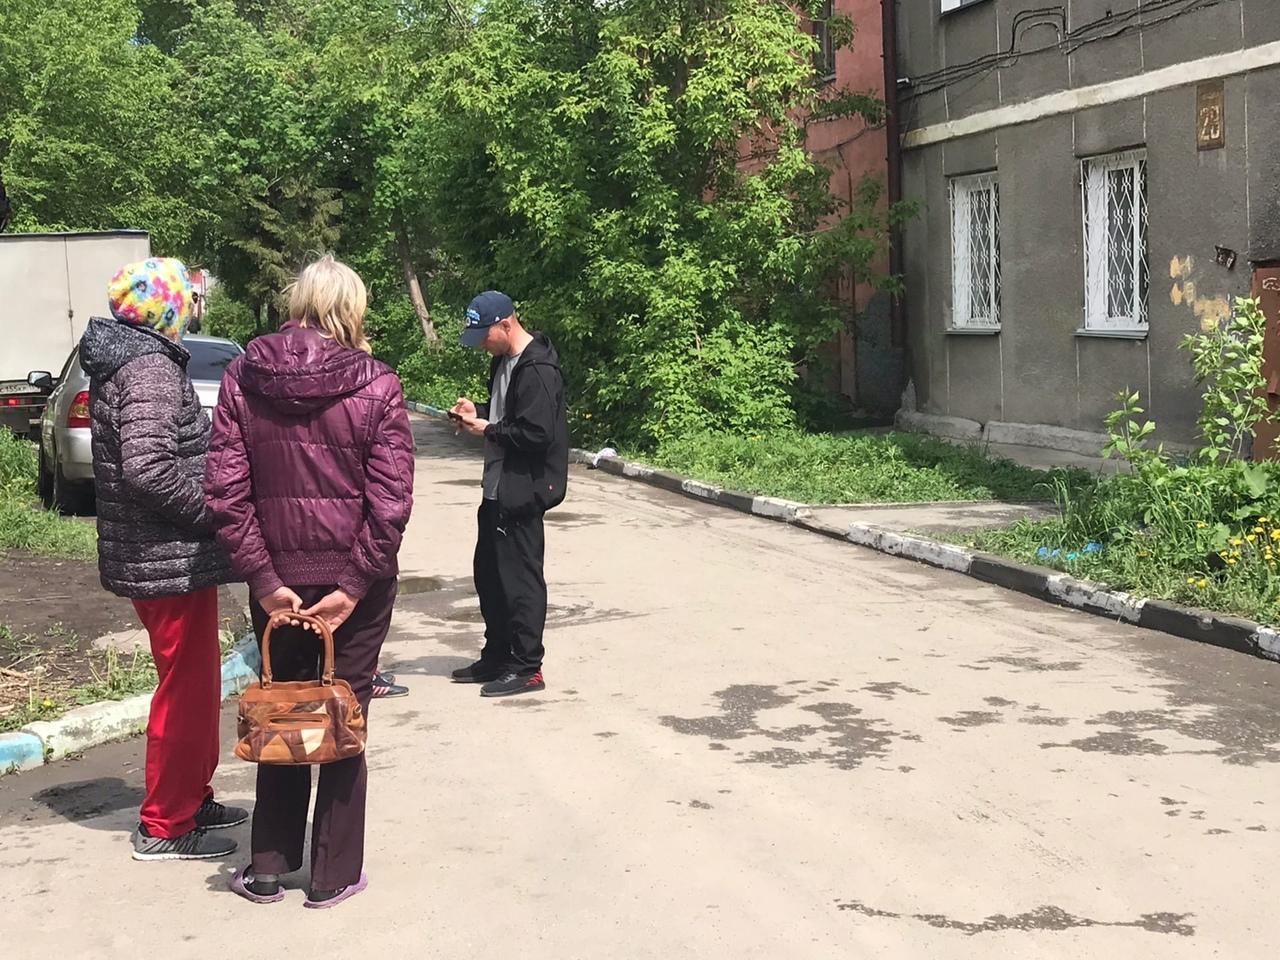 фото «Устроили балаган на весь дом, полиция не приехала»: что известно о пожаре с тремя погибшими в Новосибирске 2